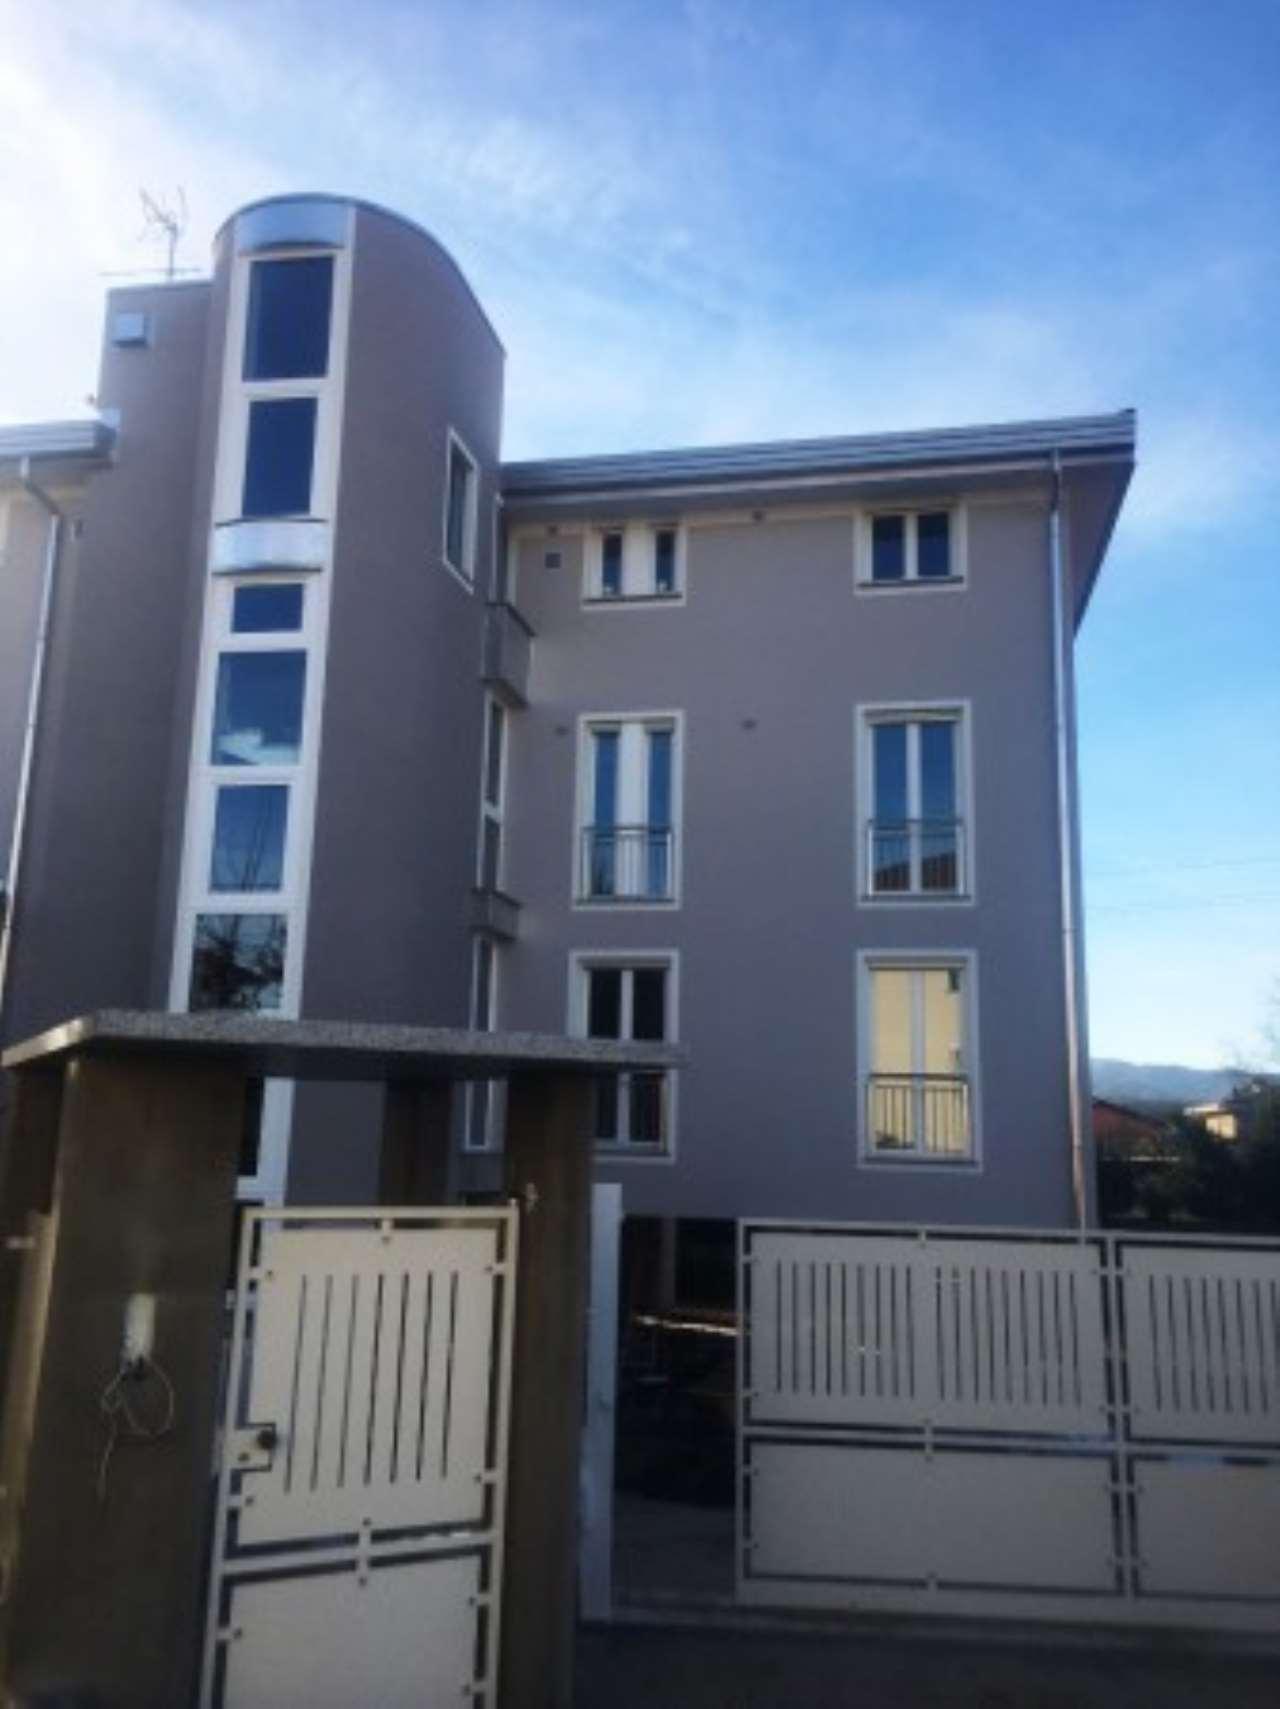 Appartamento in vendita a Borgomanero, 3 locali, prezzo € 185.000 | Cambio Casa.it